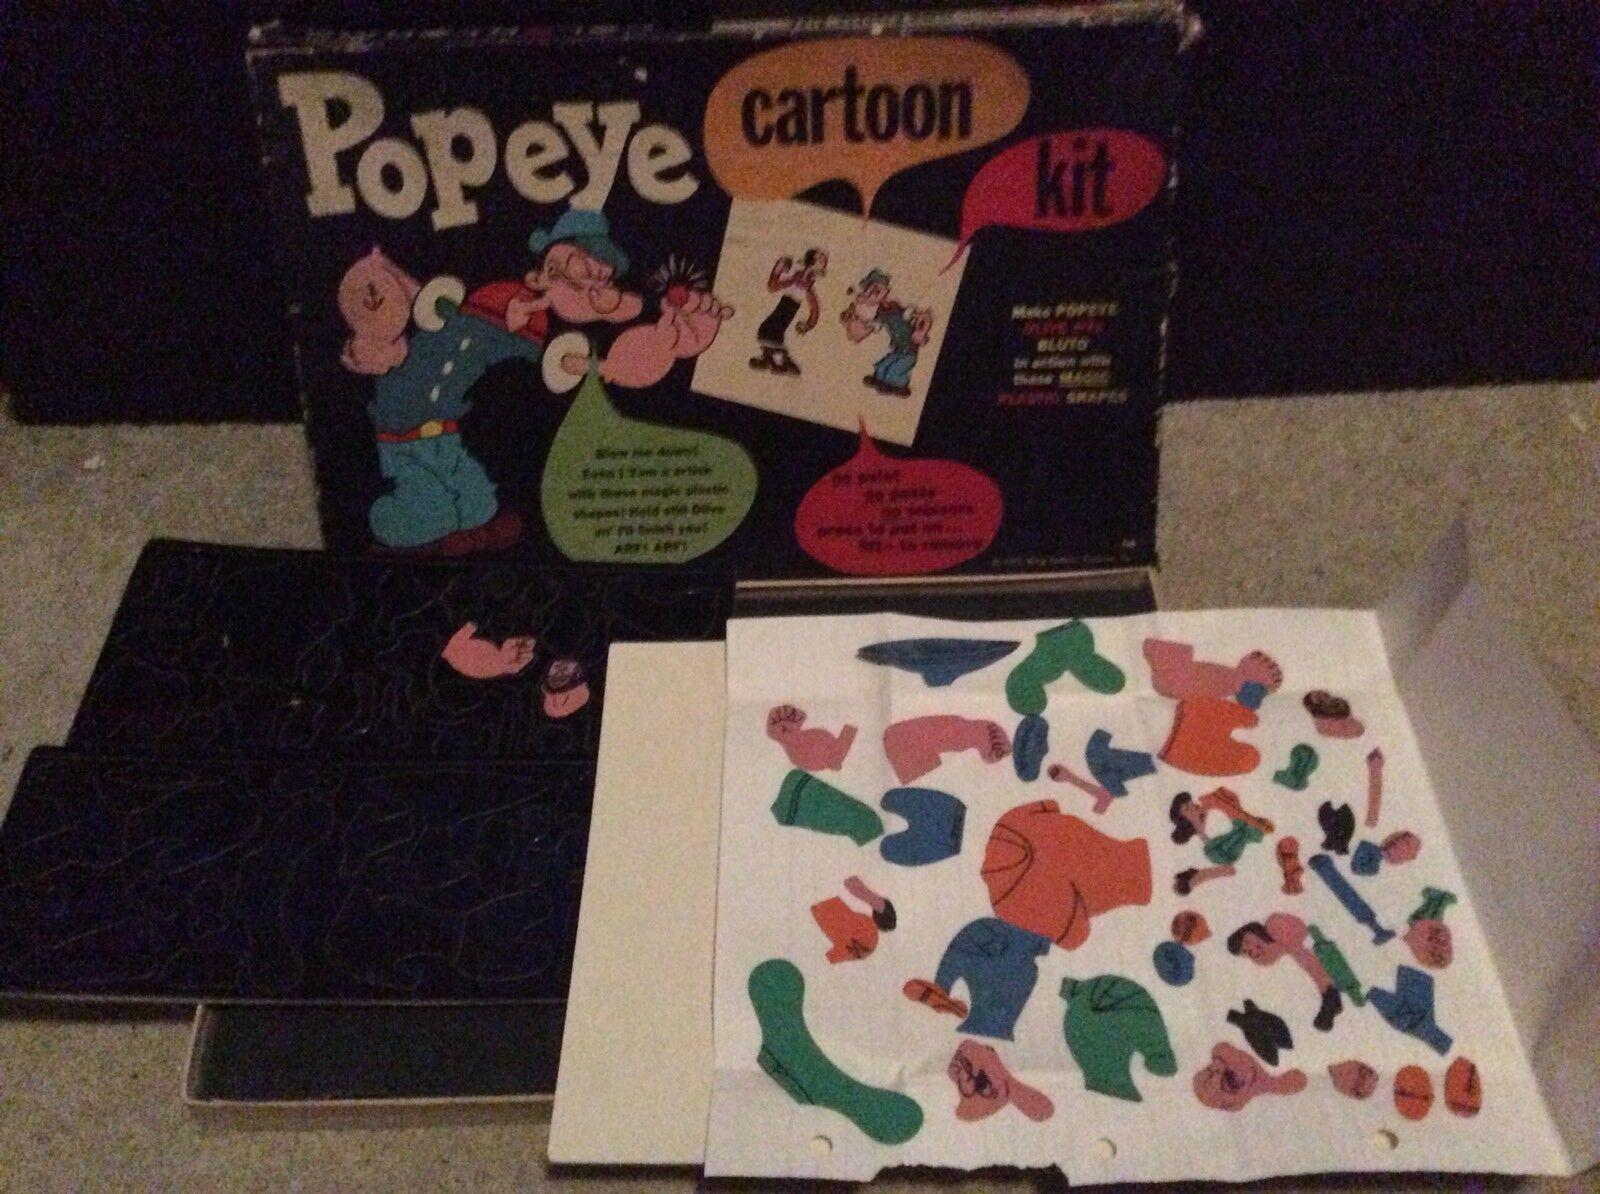 Rare 1957 1957 1957 Popeye Cartoon Kit 33c6f0